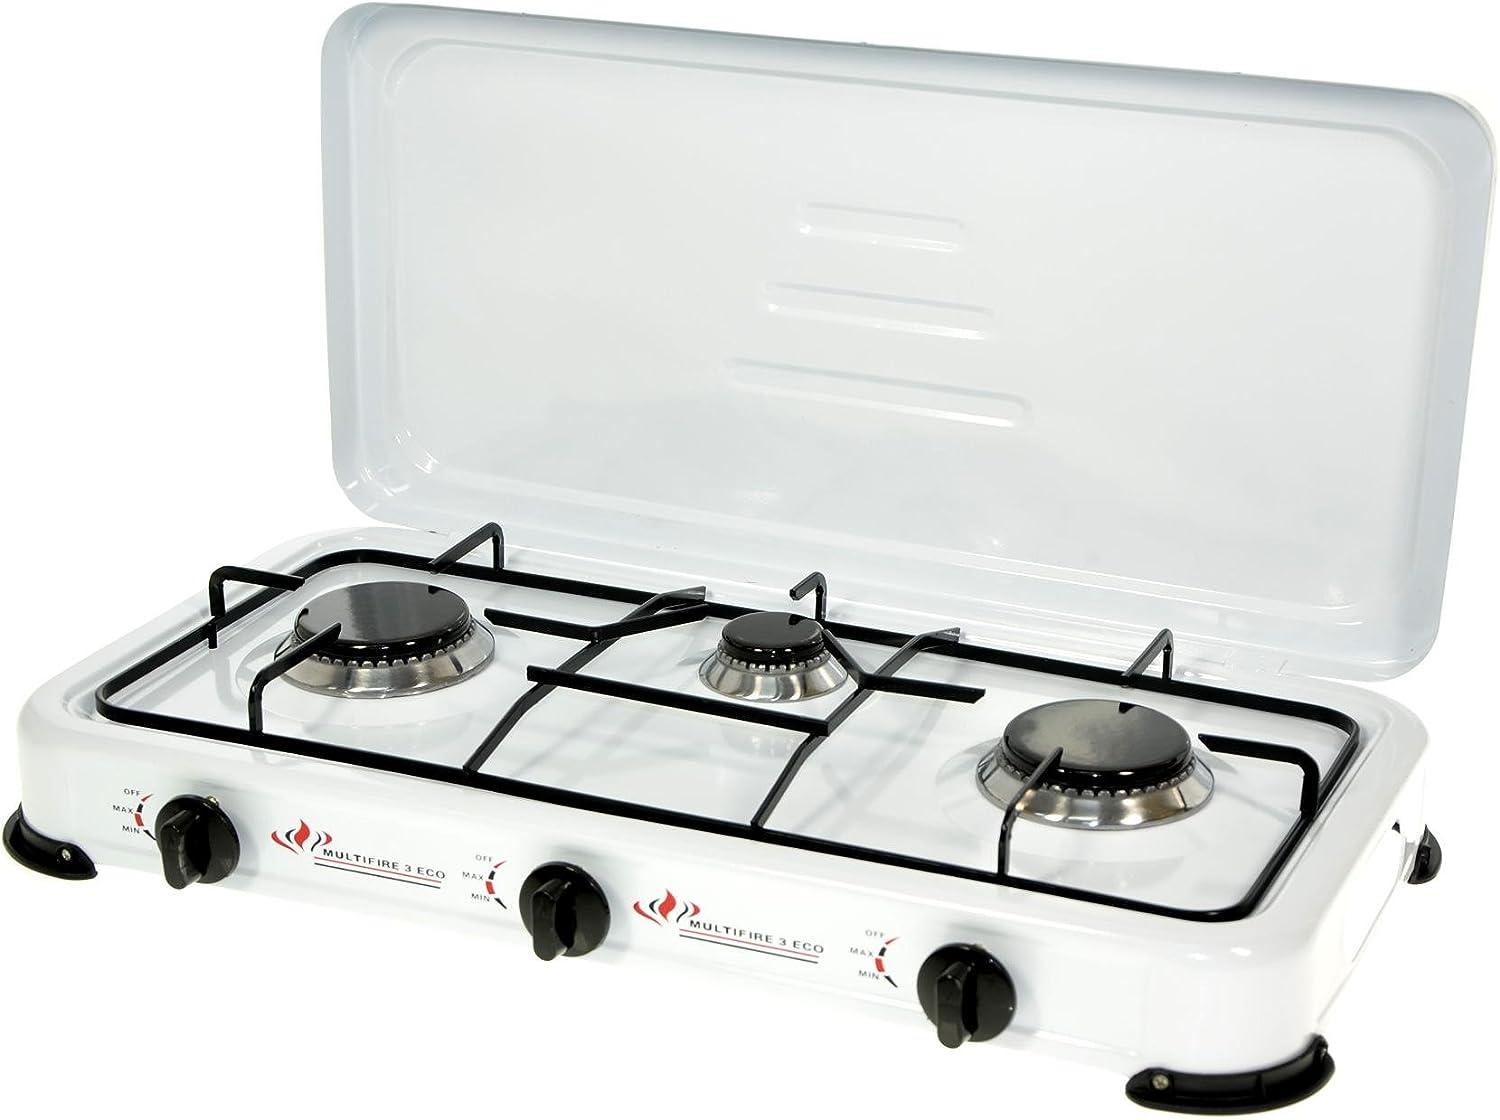 Hornillo de gas con 3 fuegos de cocina, cocina de camping, soporte para hornillo